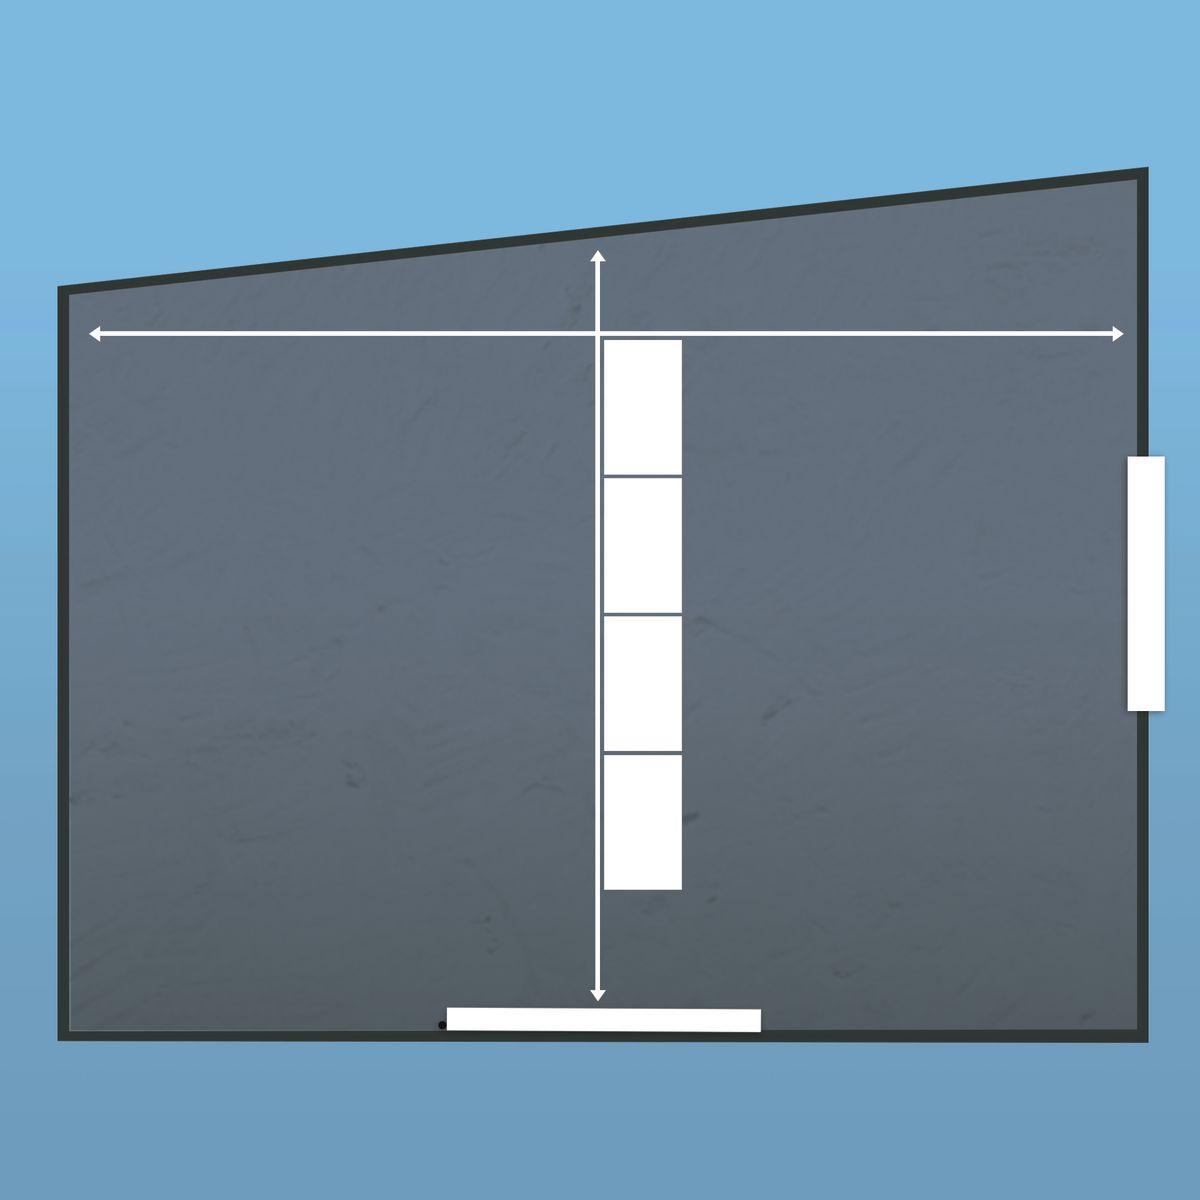 Come posare le piastrelle da pavimento guide e tutorial for Piastrelle da esterno in cemento leroy merlin